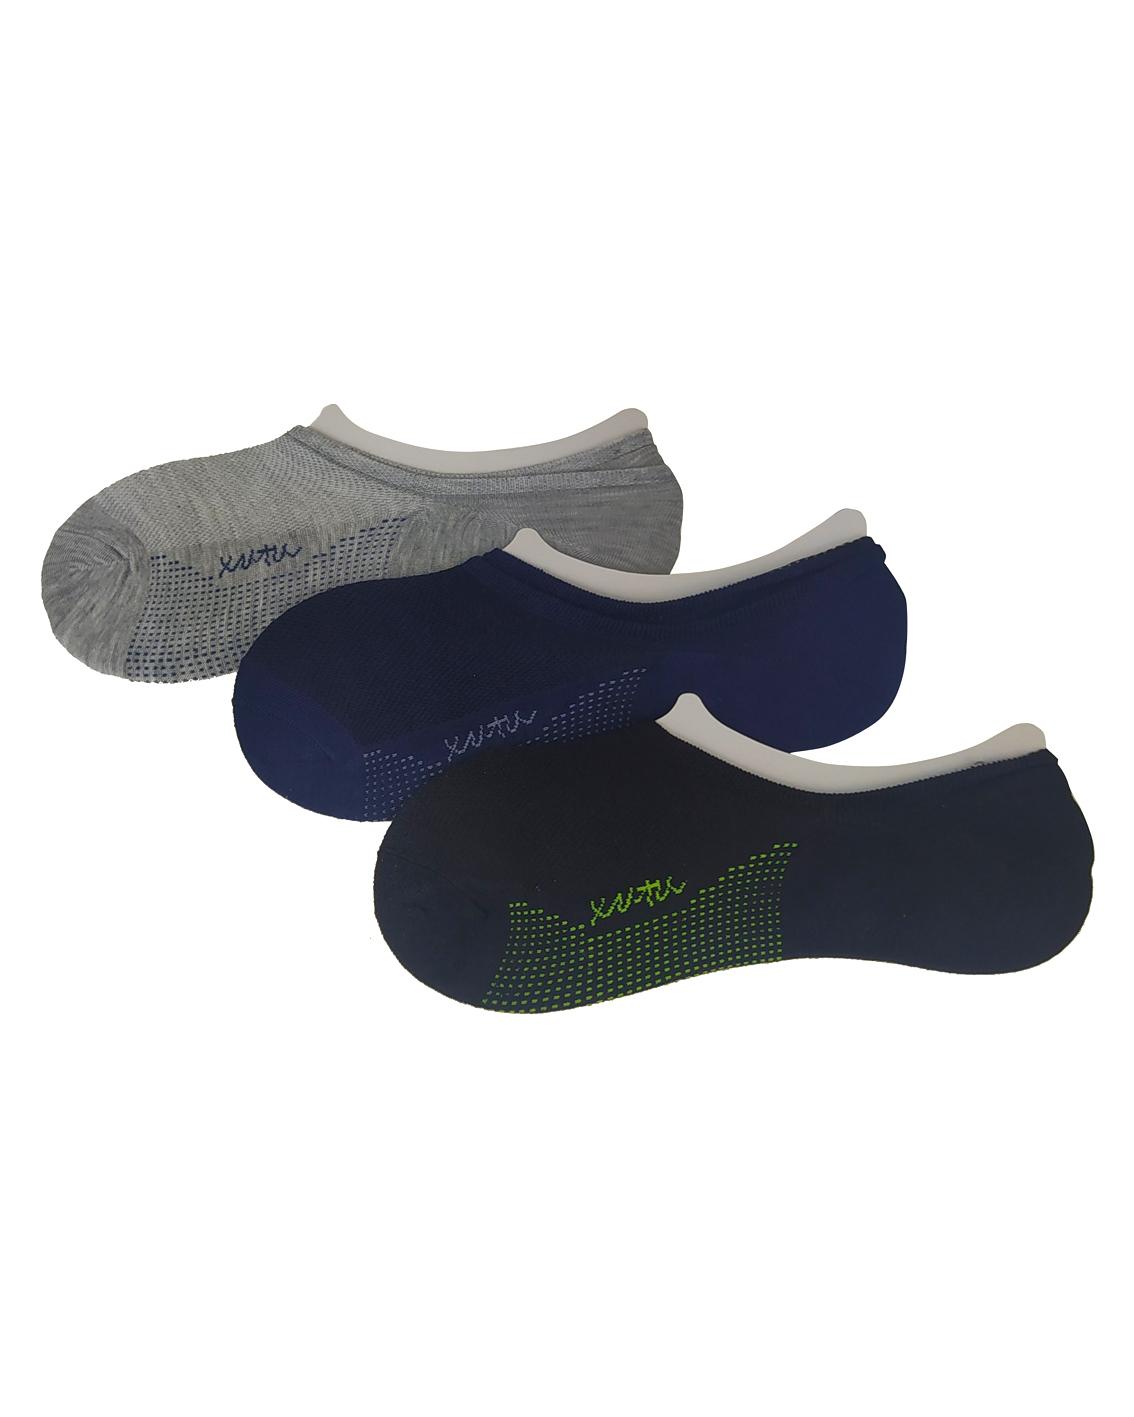 Stopki męskie bawełniane. Stopki zostały uszyte z wysokiej jakości, przepuszczającej powietrze bawełny. Stopki posiadają na pięcie wkładkę sylikonową zapobiegająca zsunięciu skarpetki z pięty.